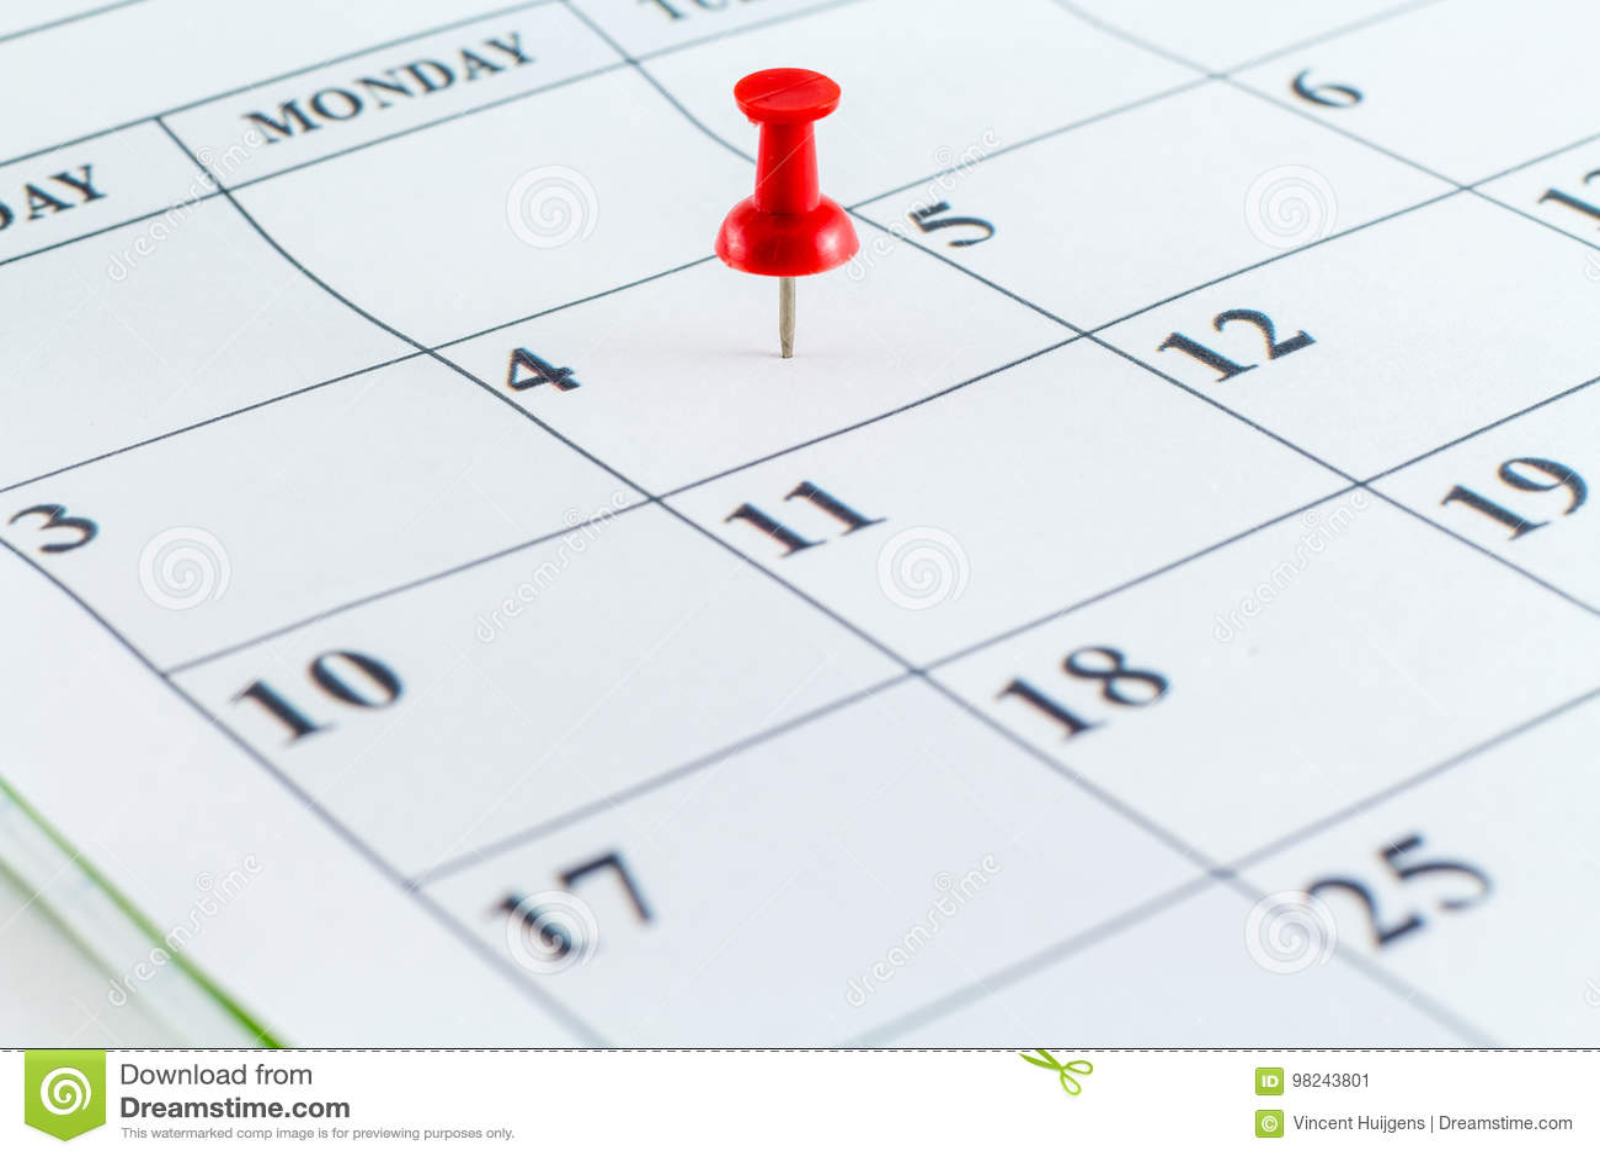 Mês da semana do dia do planejador da data de calendário